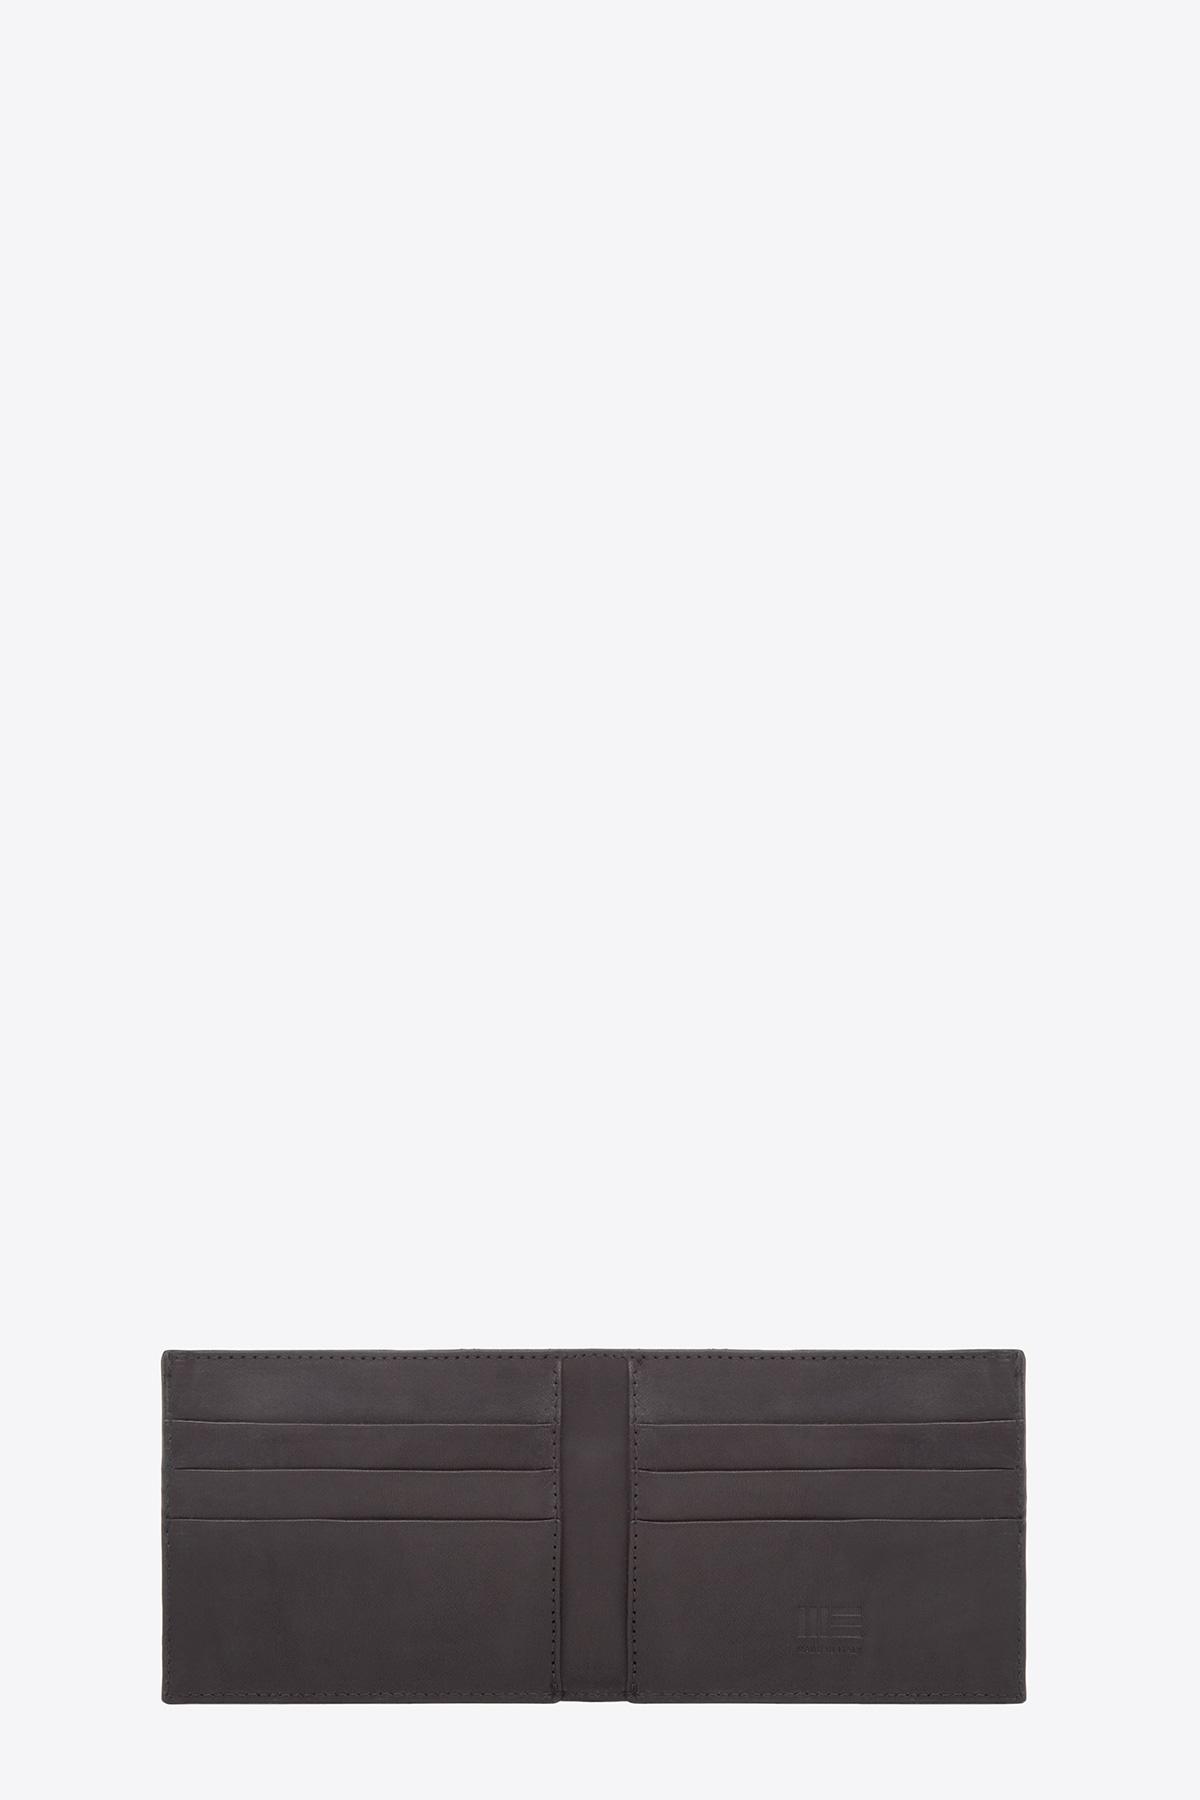 dclr002-stripewallet-plain-detail